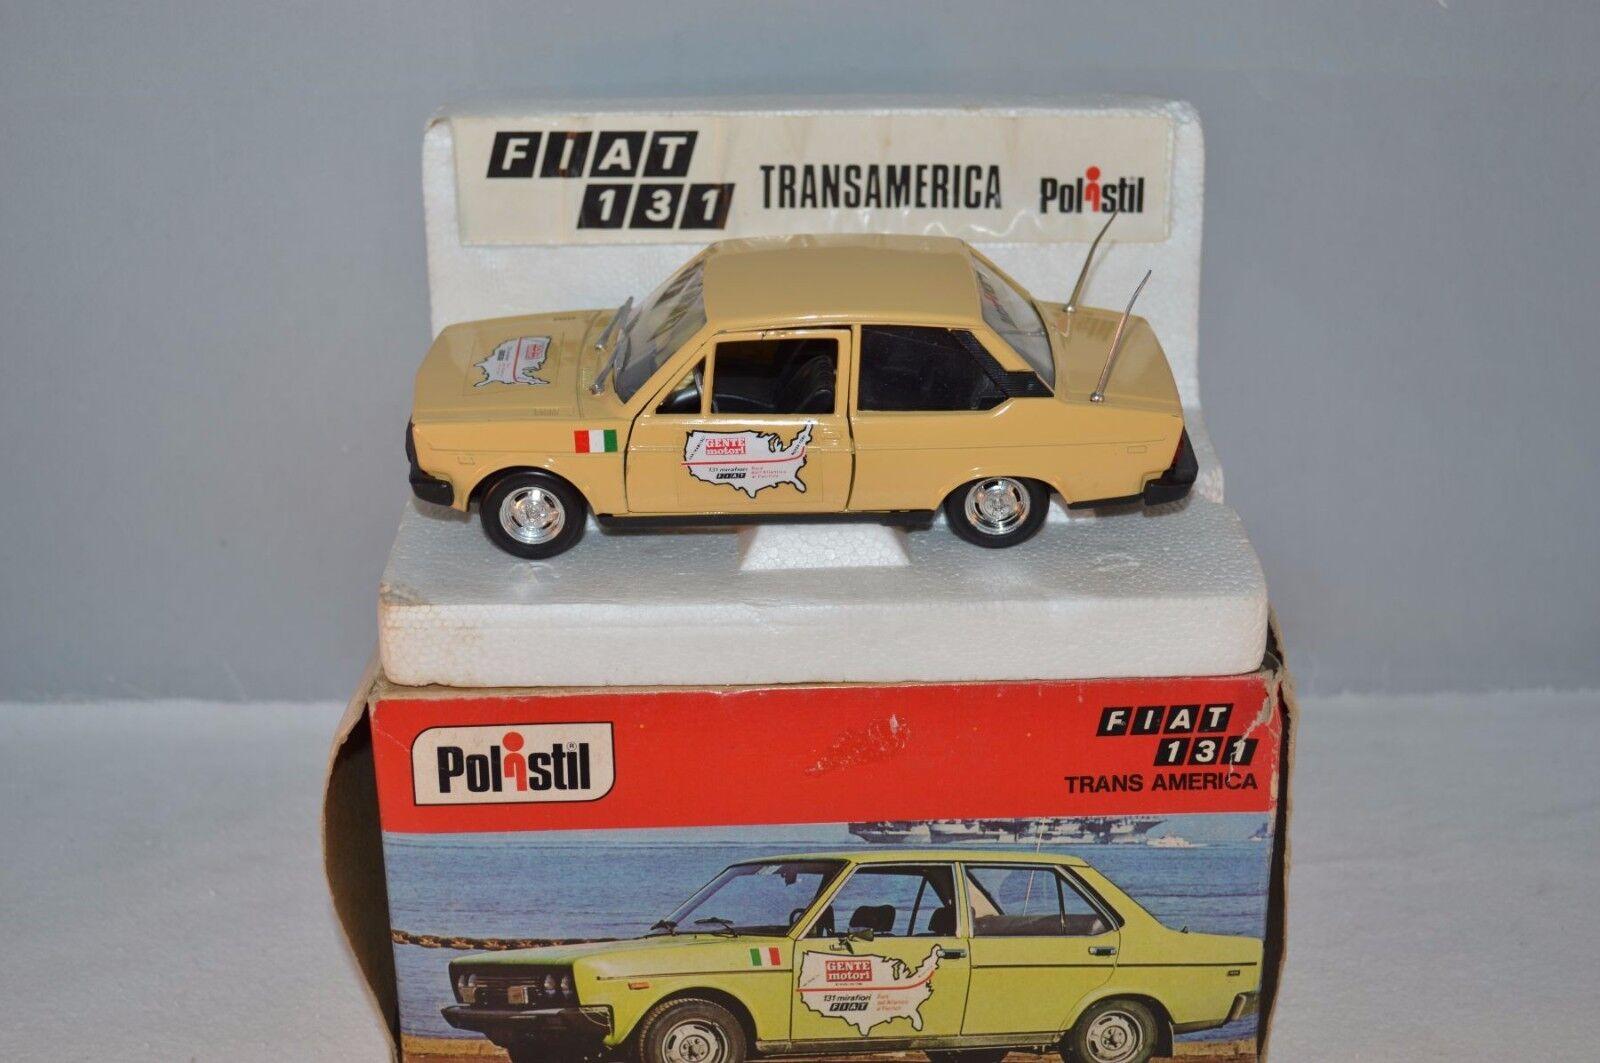 Polistil S56 Fiat 131 trans America near mint in box 1 25 selten- raro- rare